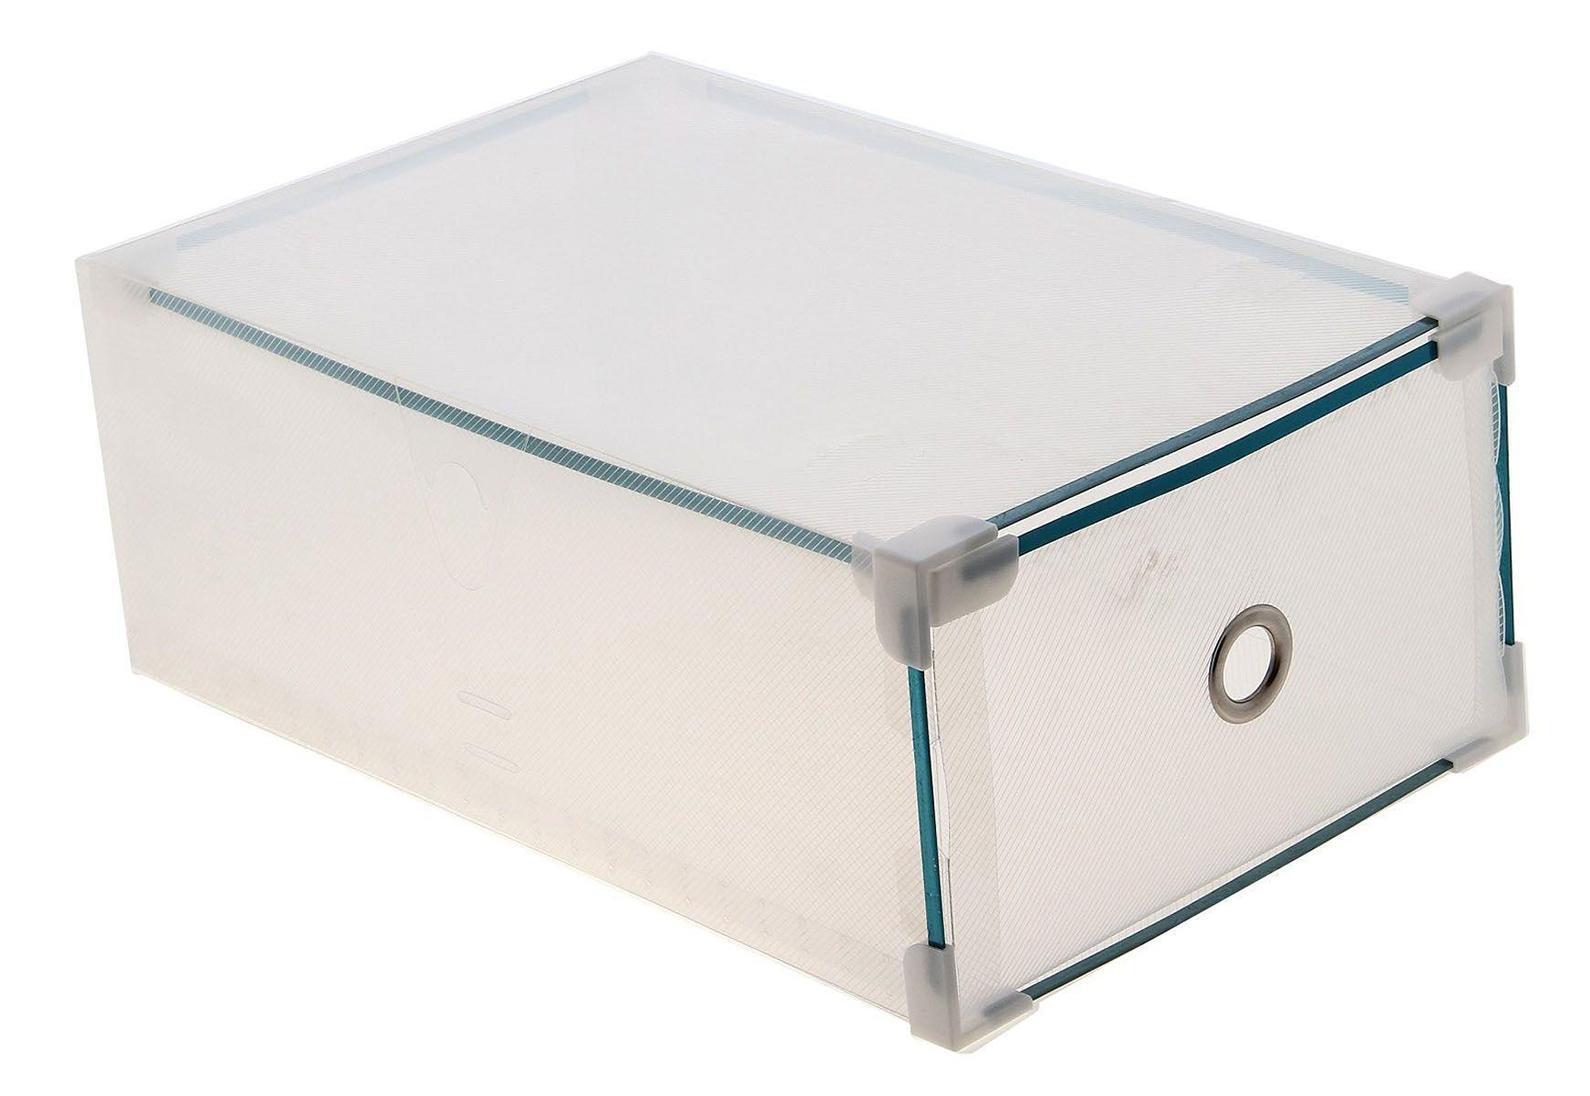 короб для хранения выдвижной 34*22*12см прозрачный 7099686907099680004Коробка для мелочей изготовлена из прочного пластика. Предназначена для хранения мелких бытовых мелочей, принадлежностей для шитья и т.д. Коробка оснащена плотно закрывающейся крышкой, которая предотвратит просыпание и потерю мелких вещиц.Коробка для мелочей сохранит ваши вещи в порядке. Материал: Пластик, металл